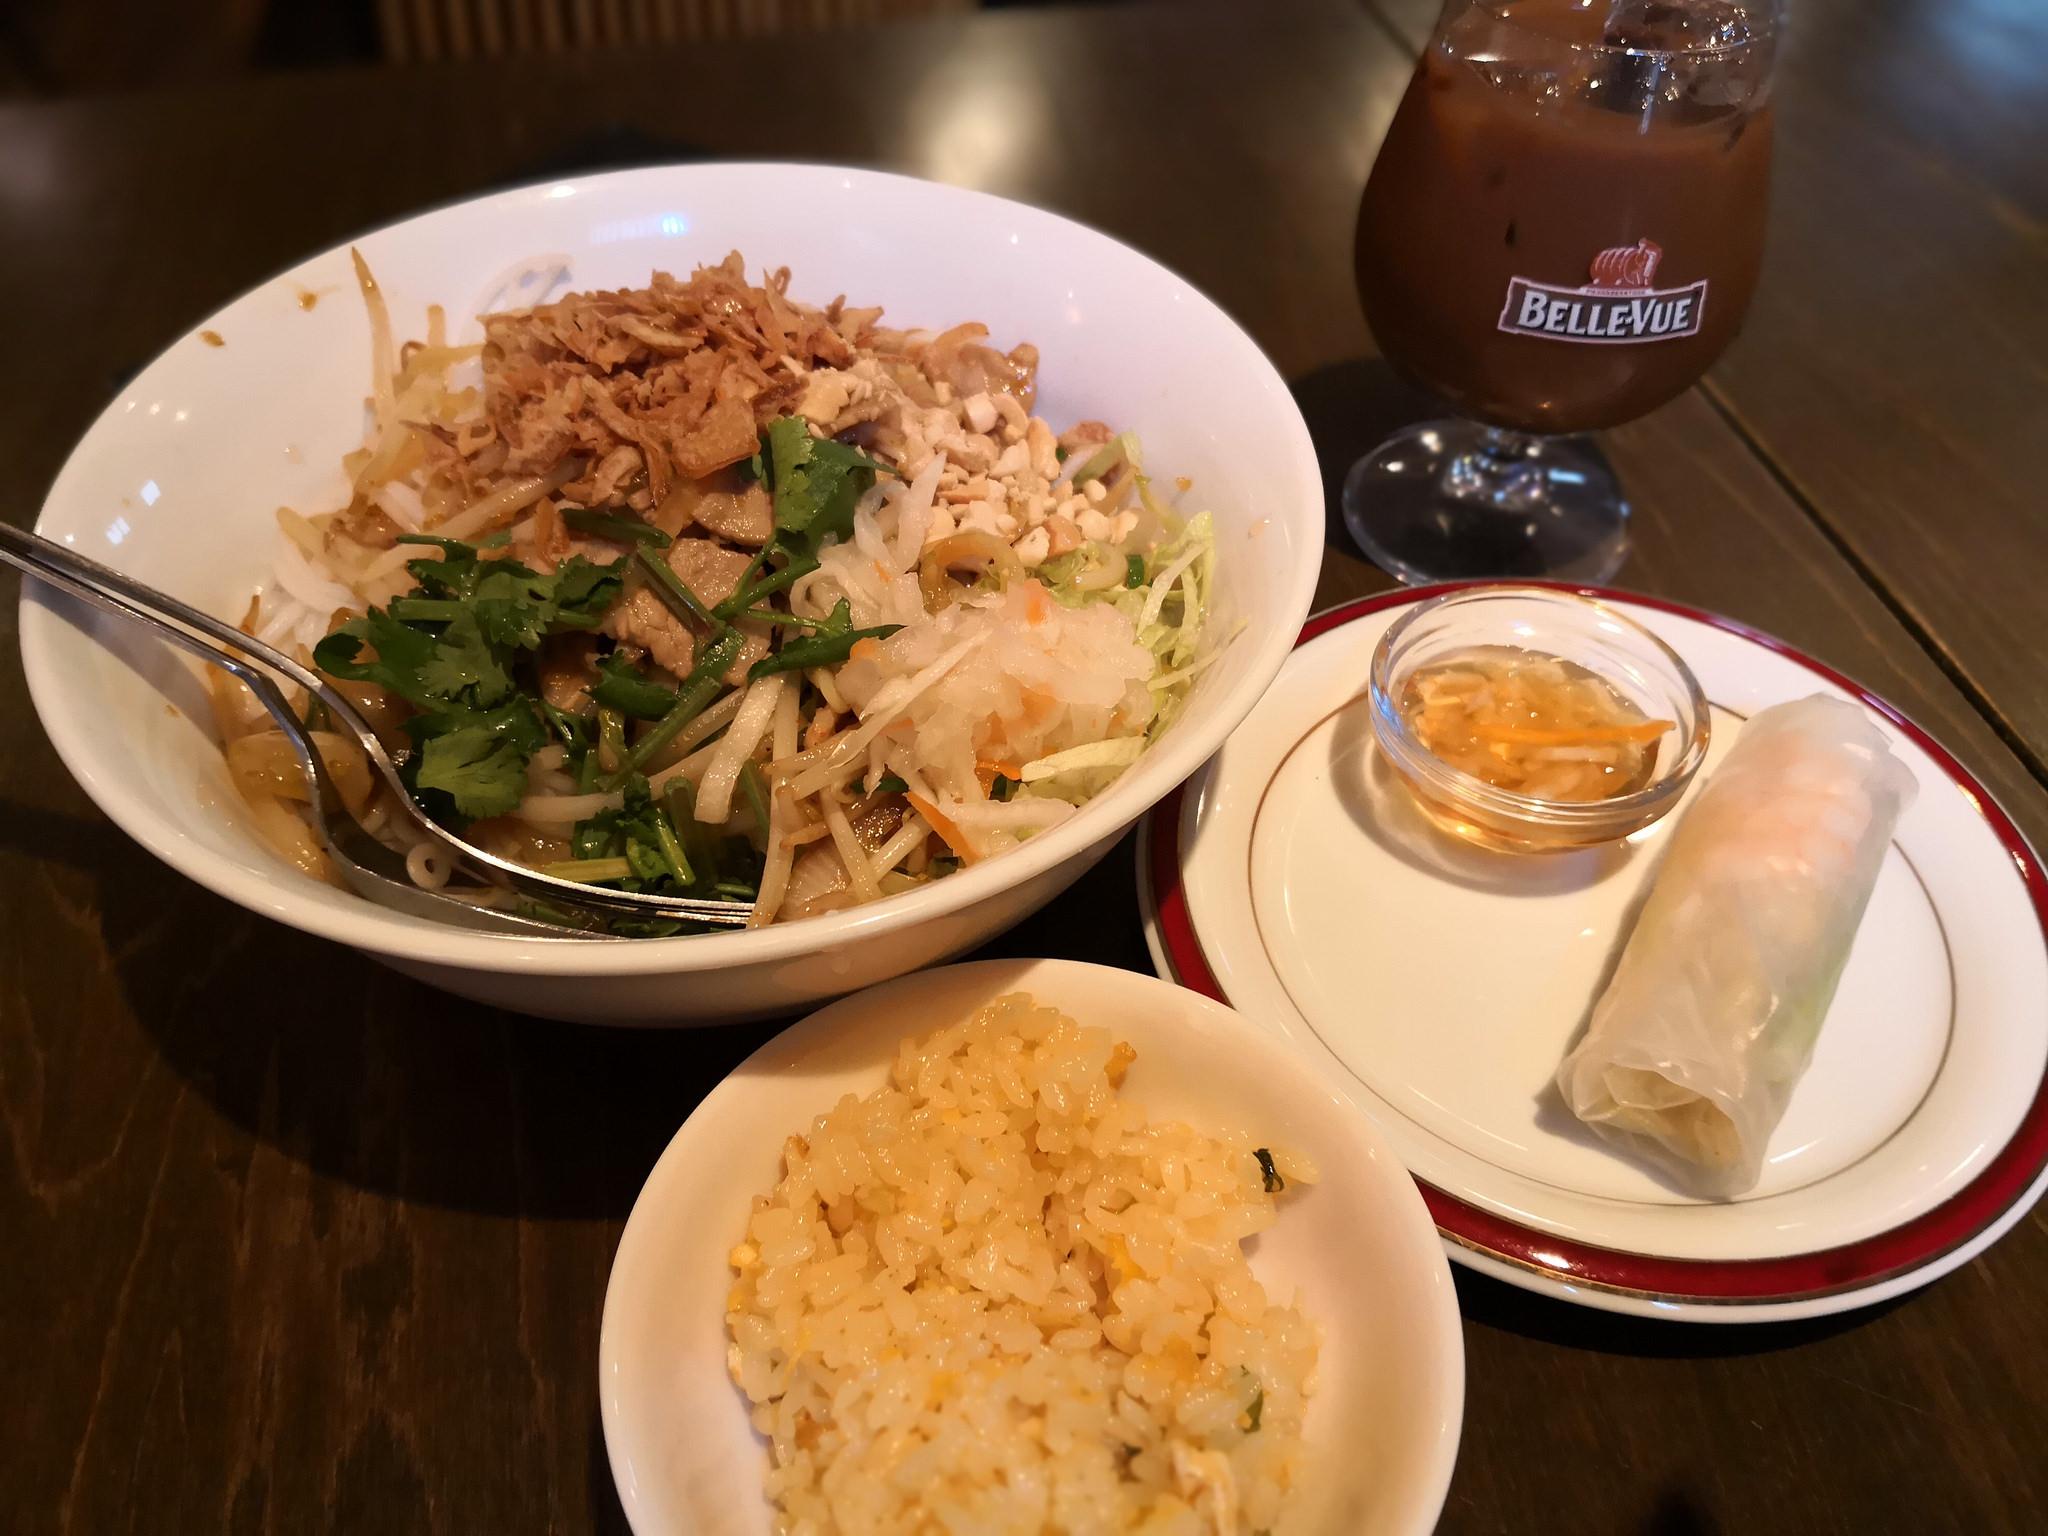 【五反田】サンフラワー@田舎風ベトナム料理のお店。ブン麺セットのランチが充実。